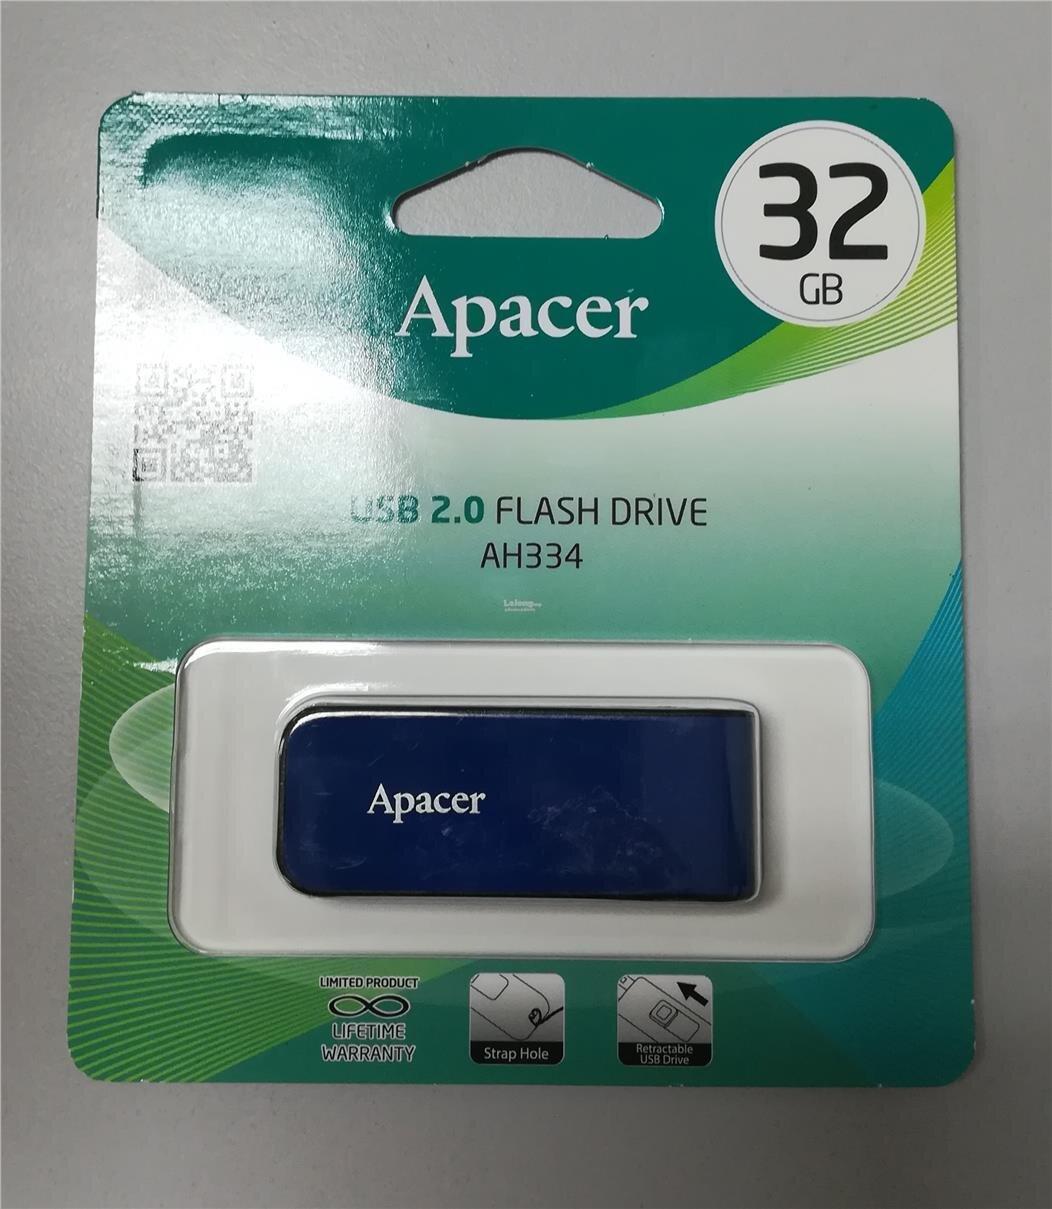 Nguyên hộp USB 2.0 Apacer AH334 trên thị trường (Nguồn: c.76.my)